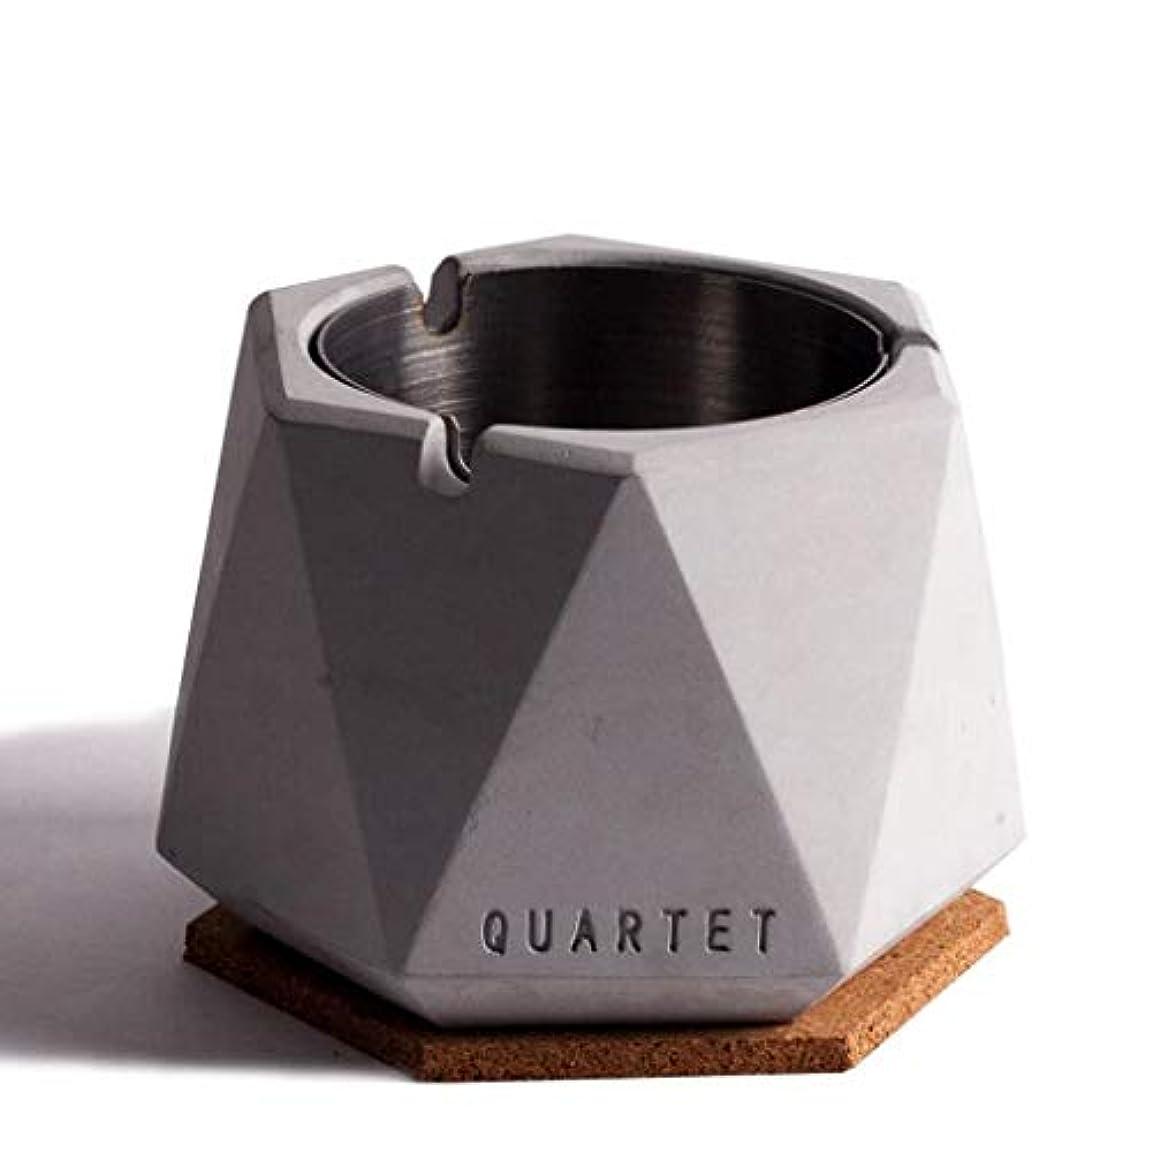 プロフェッショナルもつれ速報北欧シンプル風ステンレス鋼セメント灰皿人格クリエイティブホテルインターネットカフェバー北欧産業風ふた付き灰皿 QYSZYG (Color : C)